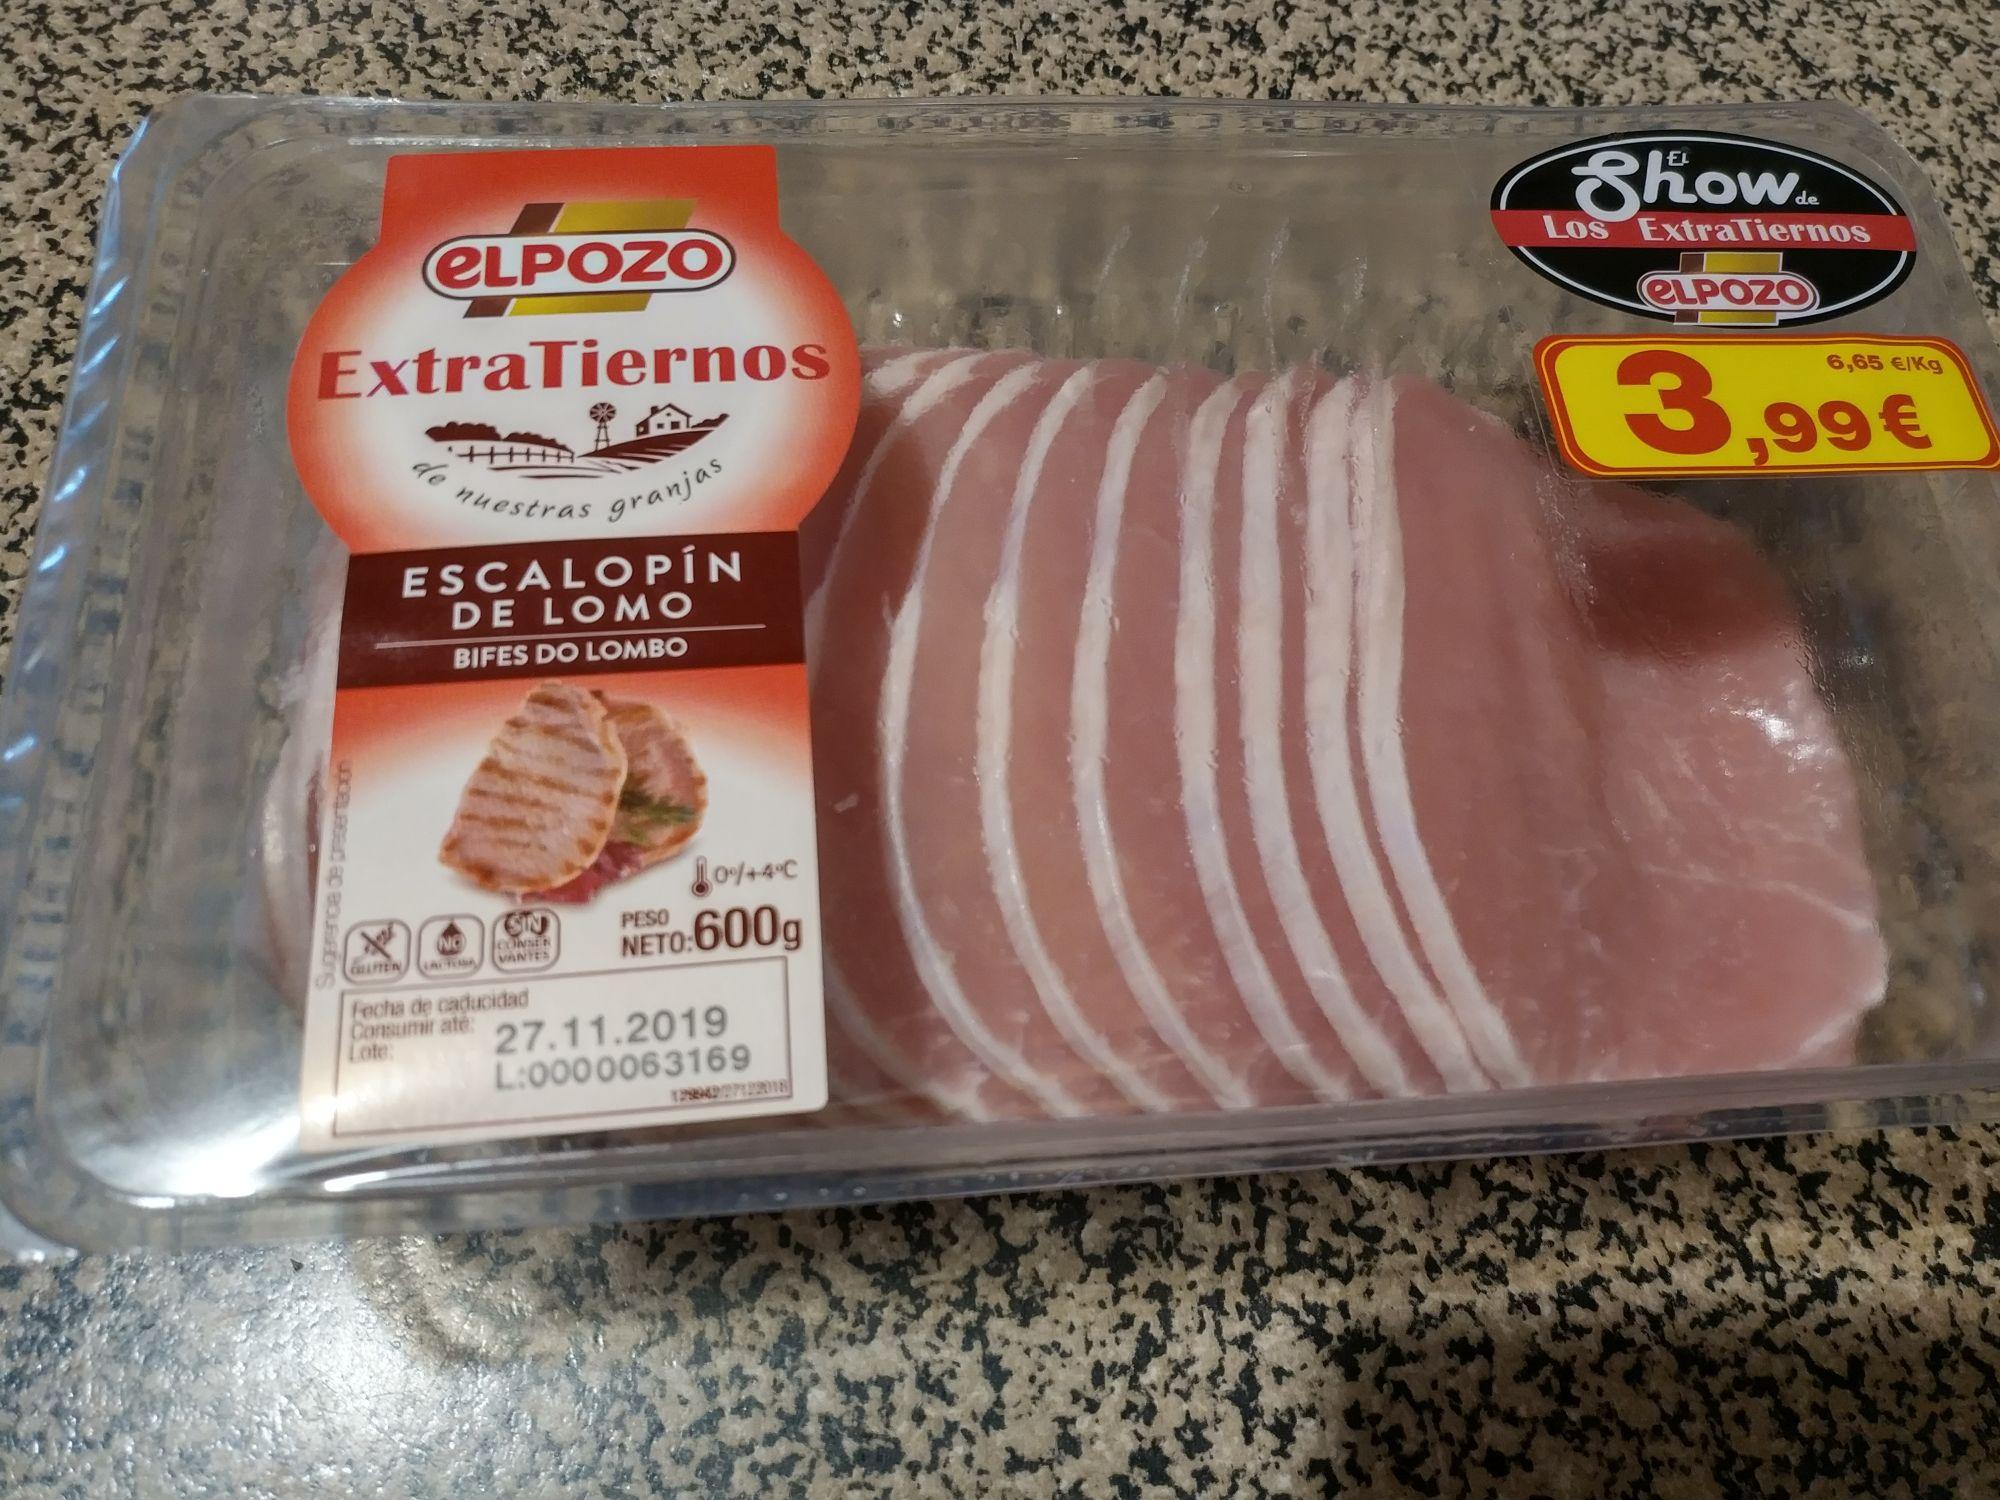 Escalopines de lomo Extratiernos El Pozo 600 gr Carrefour